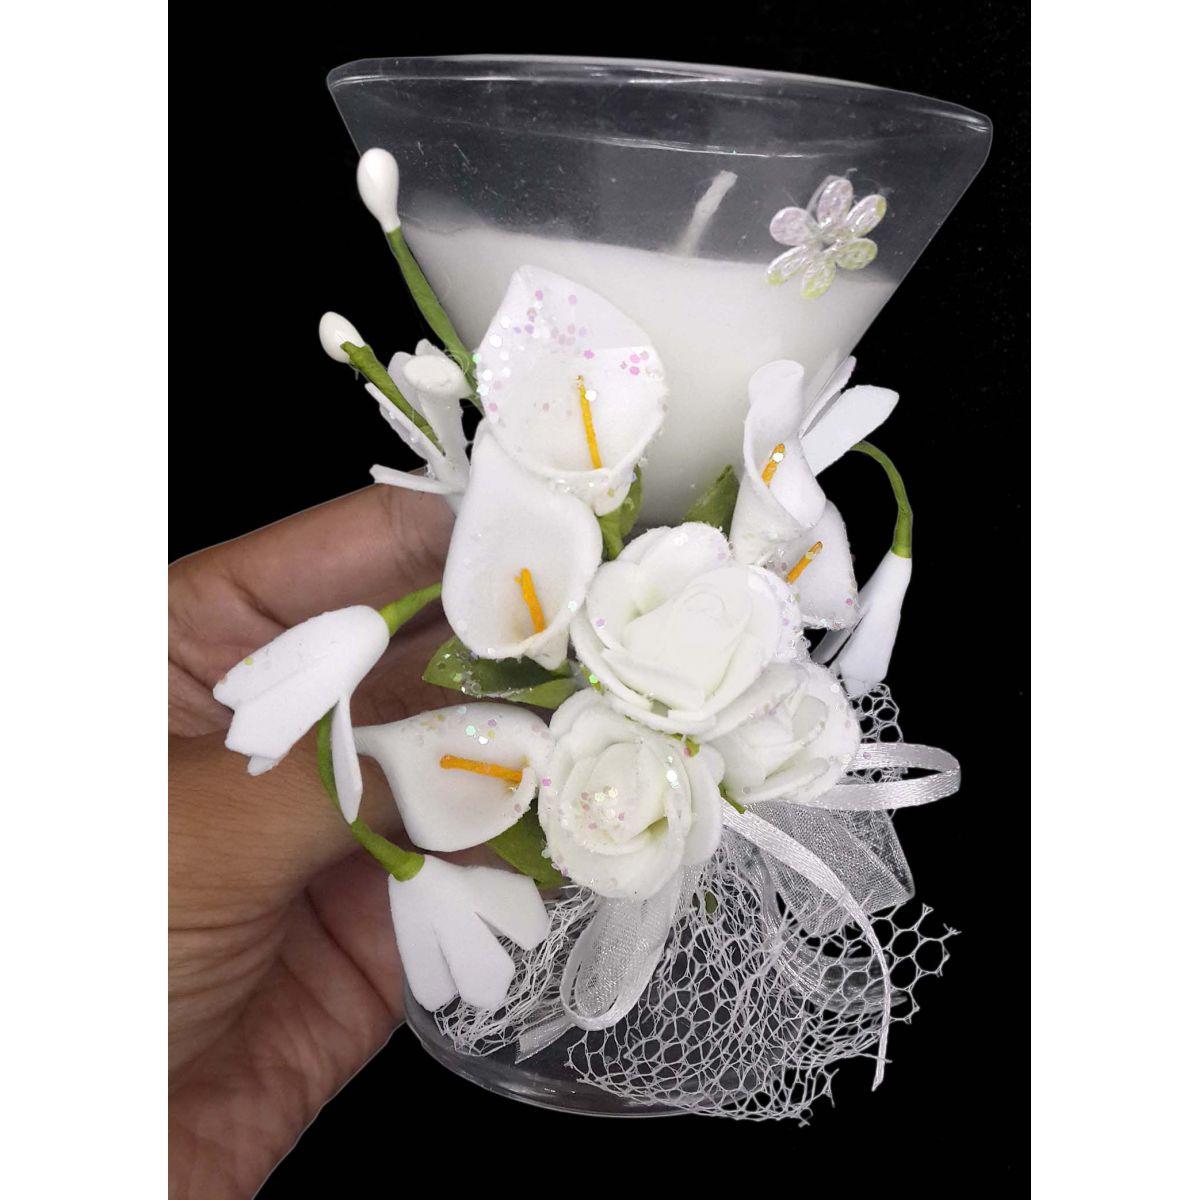 Vela Parafina Decorativa Media Larga Festas Casamento 15 Anos Flor Branca (WL-D)